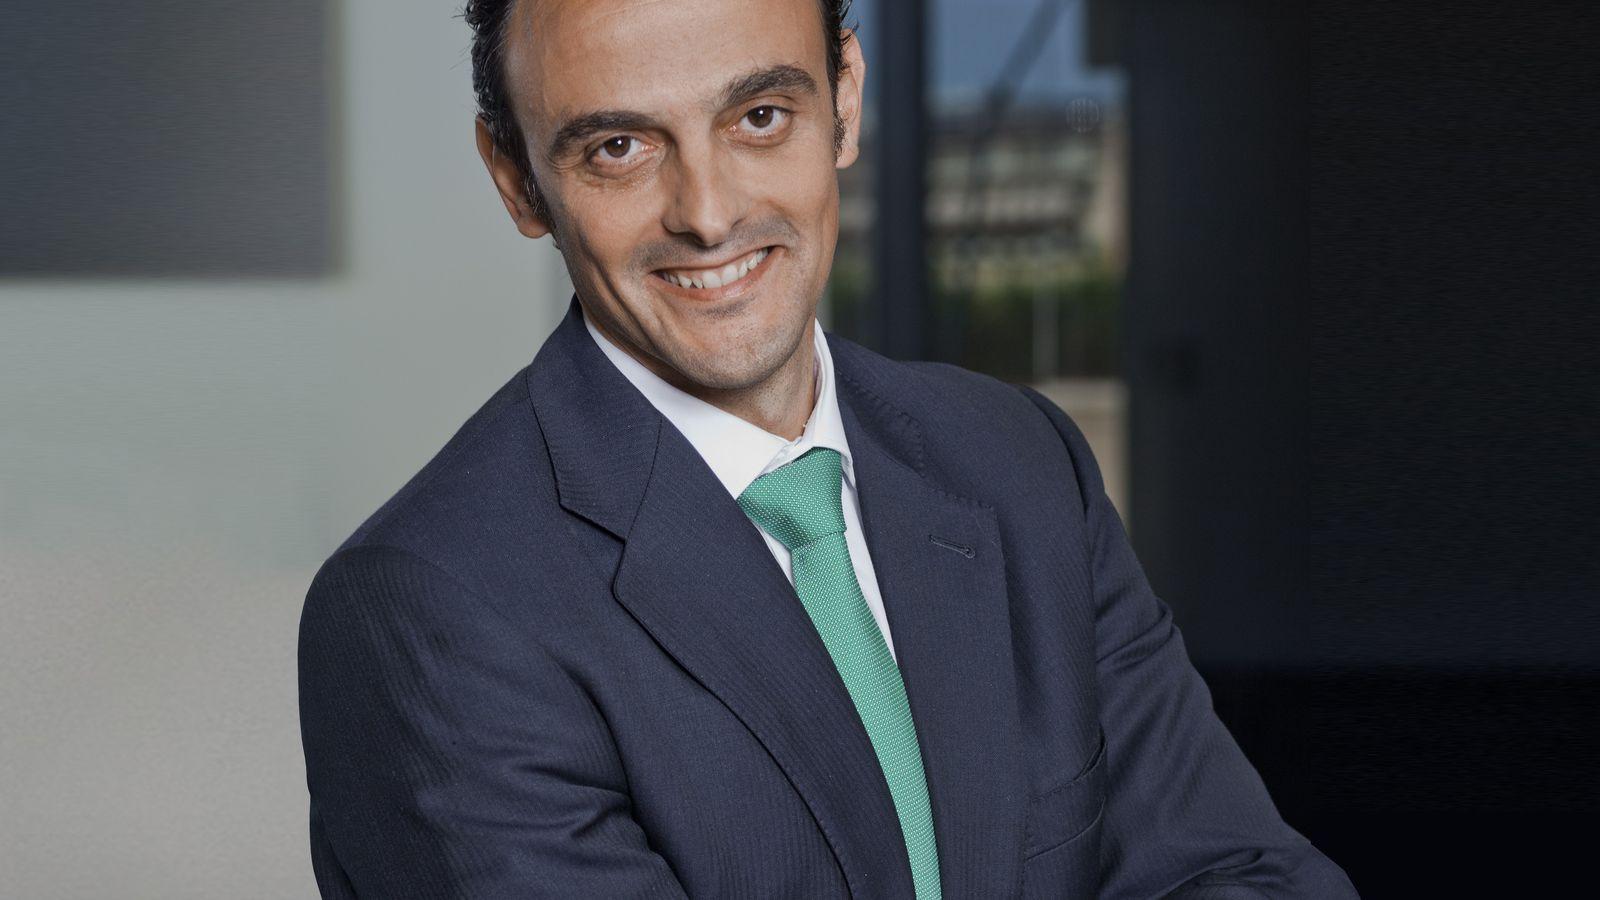 Foto: Adolfo Ramírez-Escudero, presidente de CBRE España.